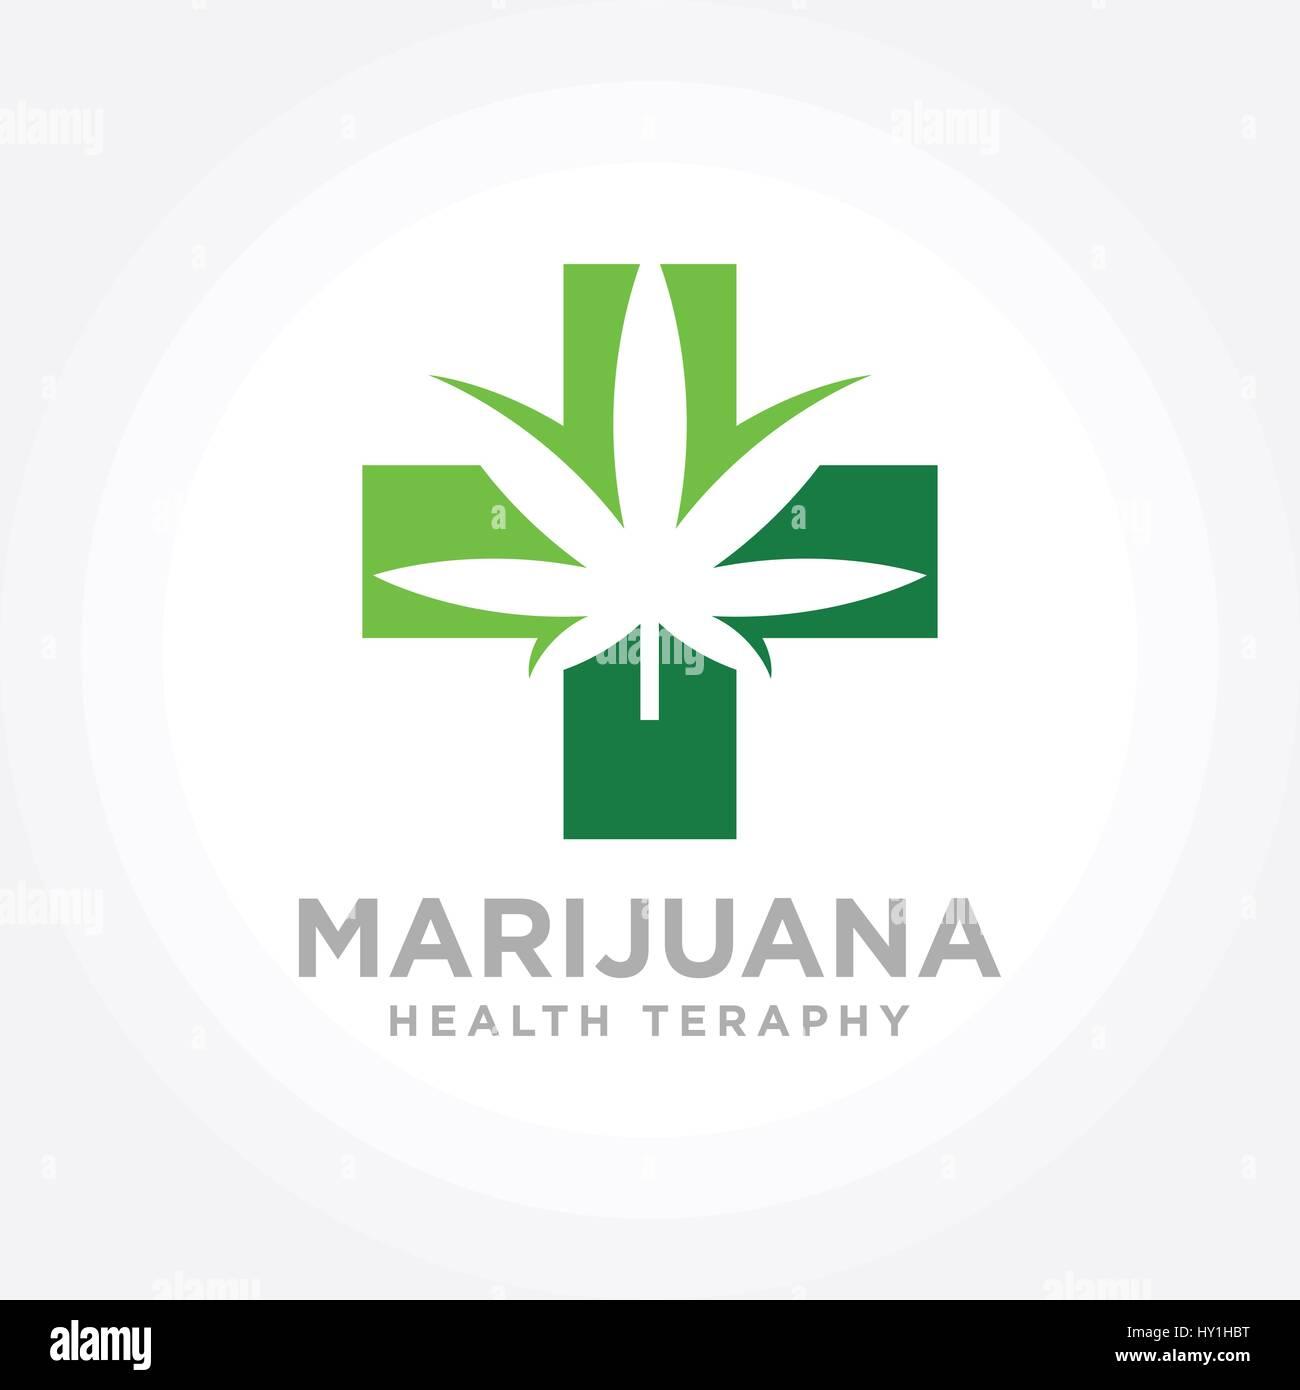 Cannabis Marijuana Health Therapy Logo Stock Vector Art